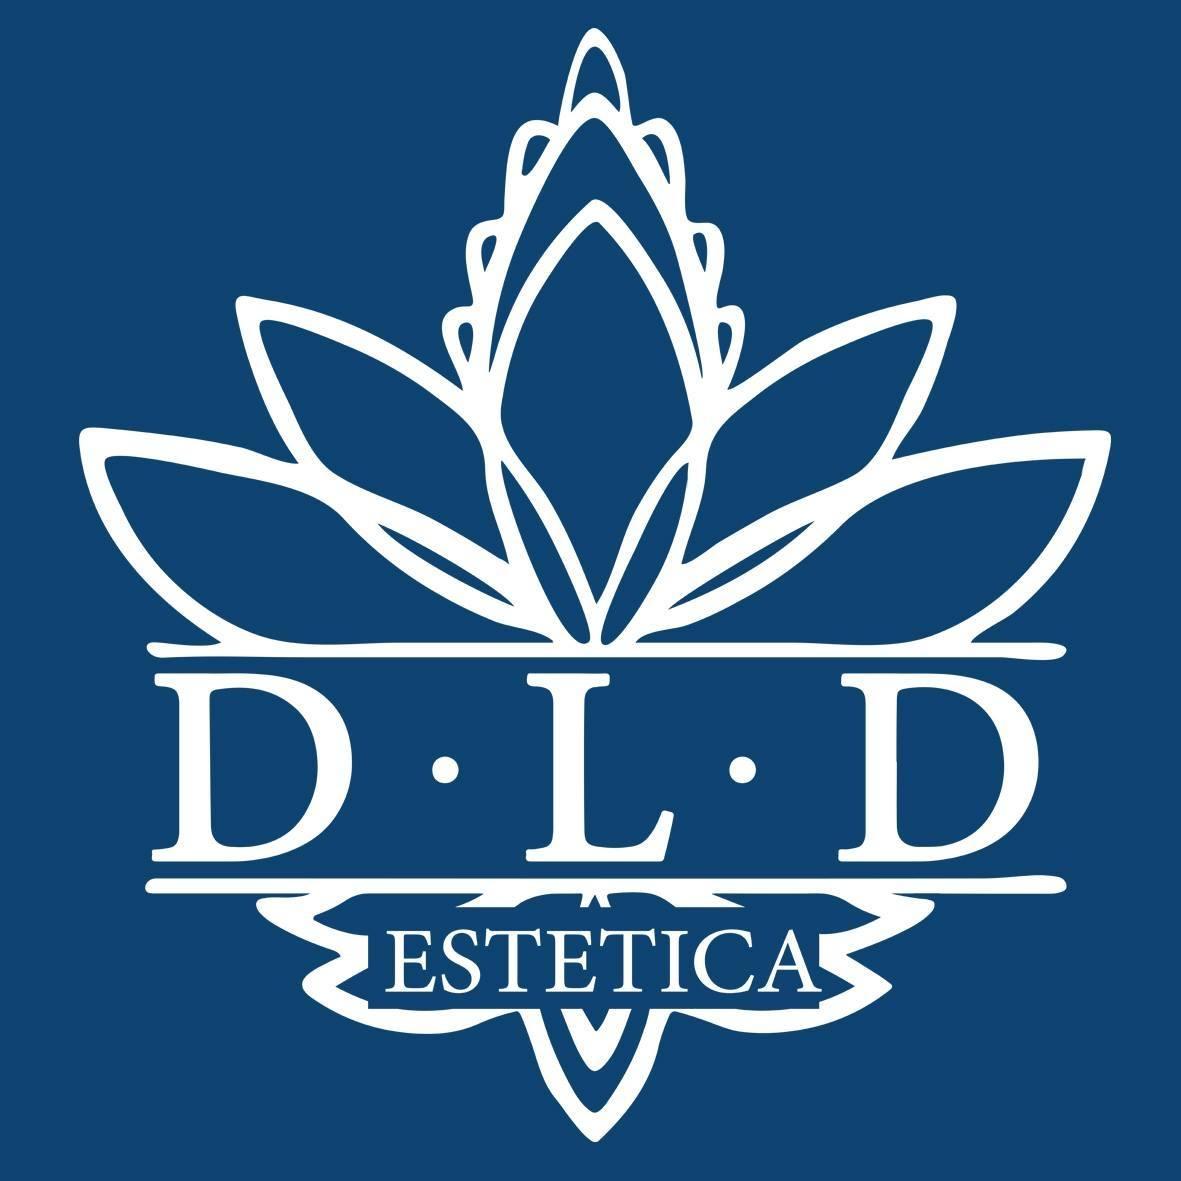 DLD ESTETICA - CENTRO ESTETICO EPILAZIONE LASER DIODO MASSAGGI VILLANOVA DI GUIDONIA COLLEFIORITO - 1